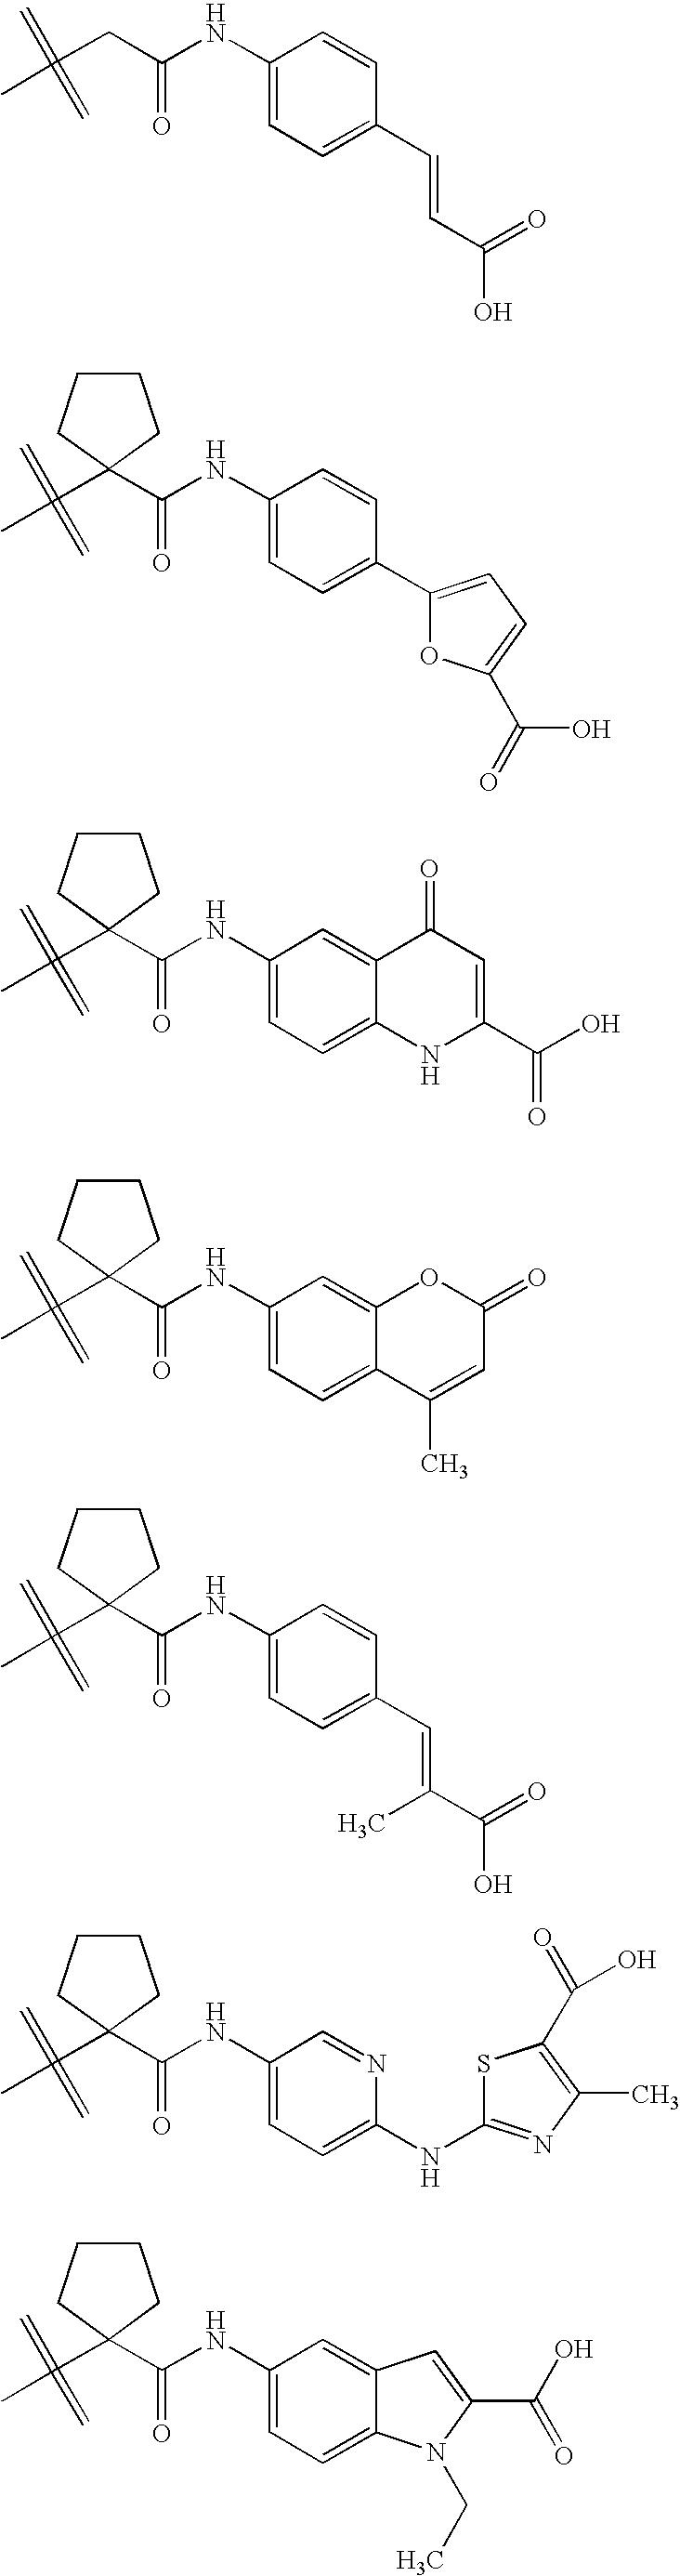 Figure US20070049593A1-20070301-C00146